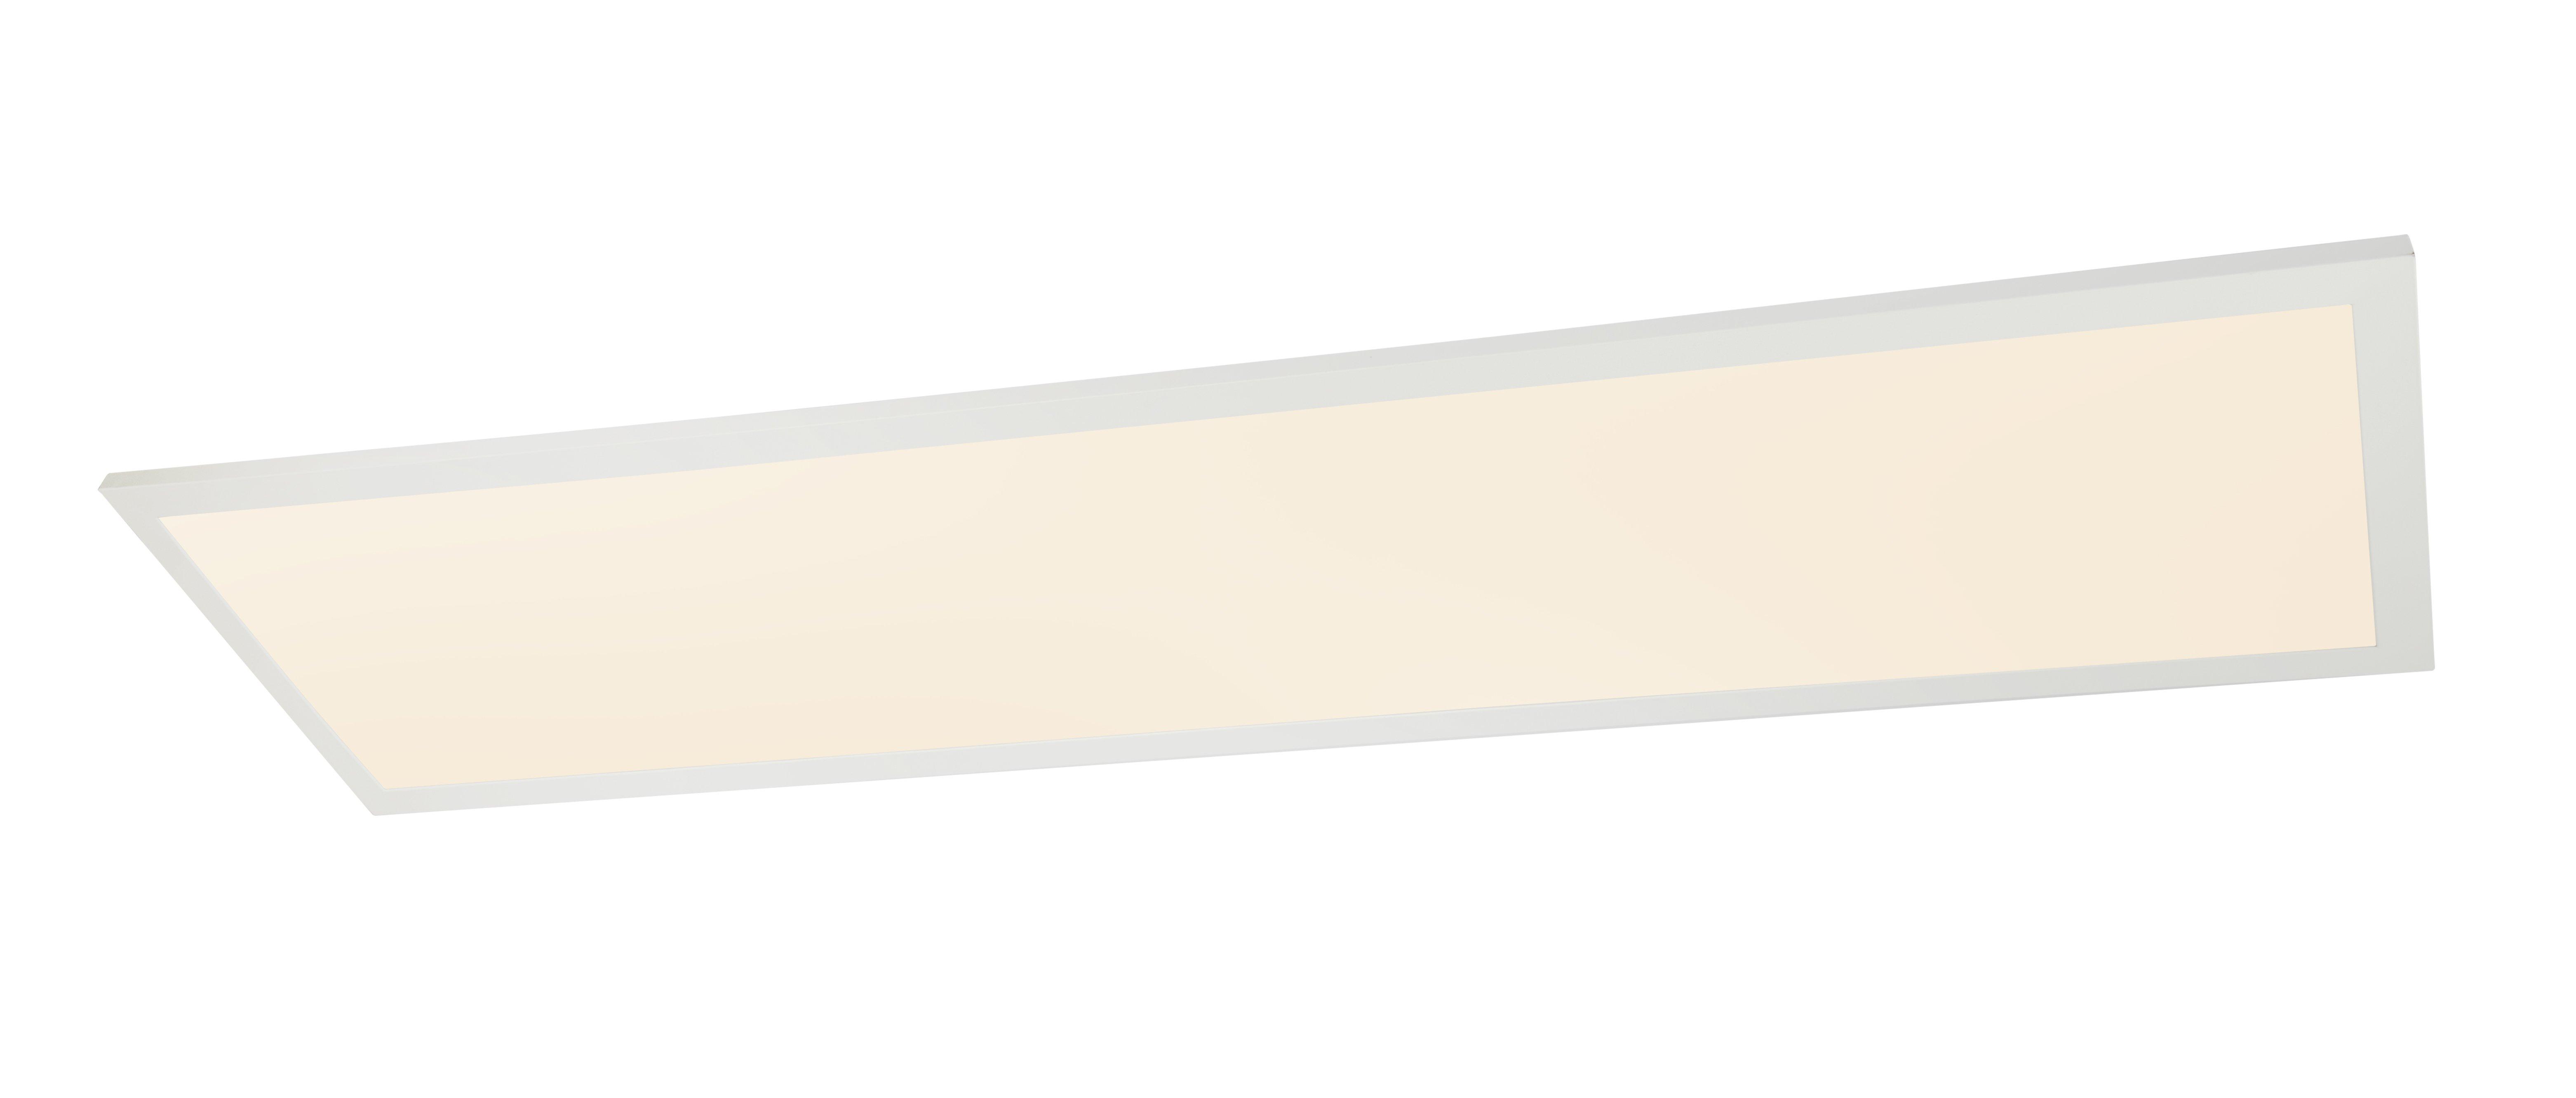 Deckl. L120 B30_WS, Ksst, Metallfarben